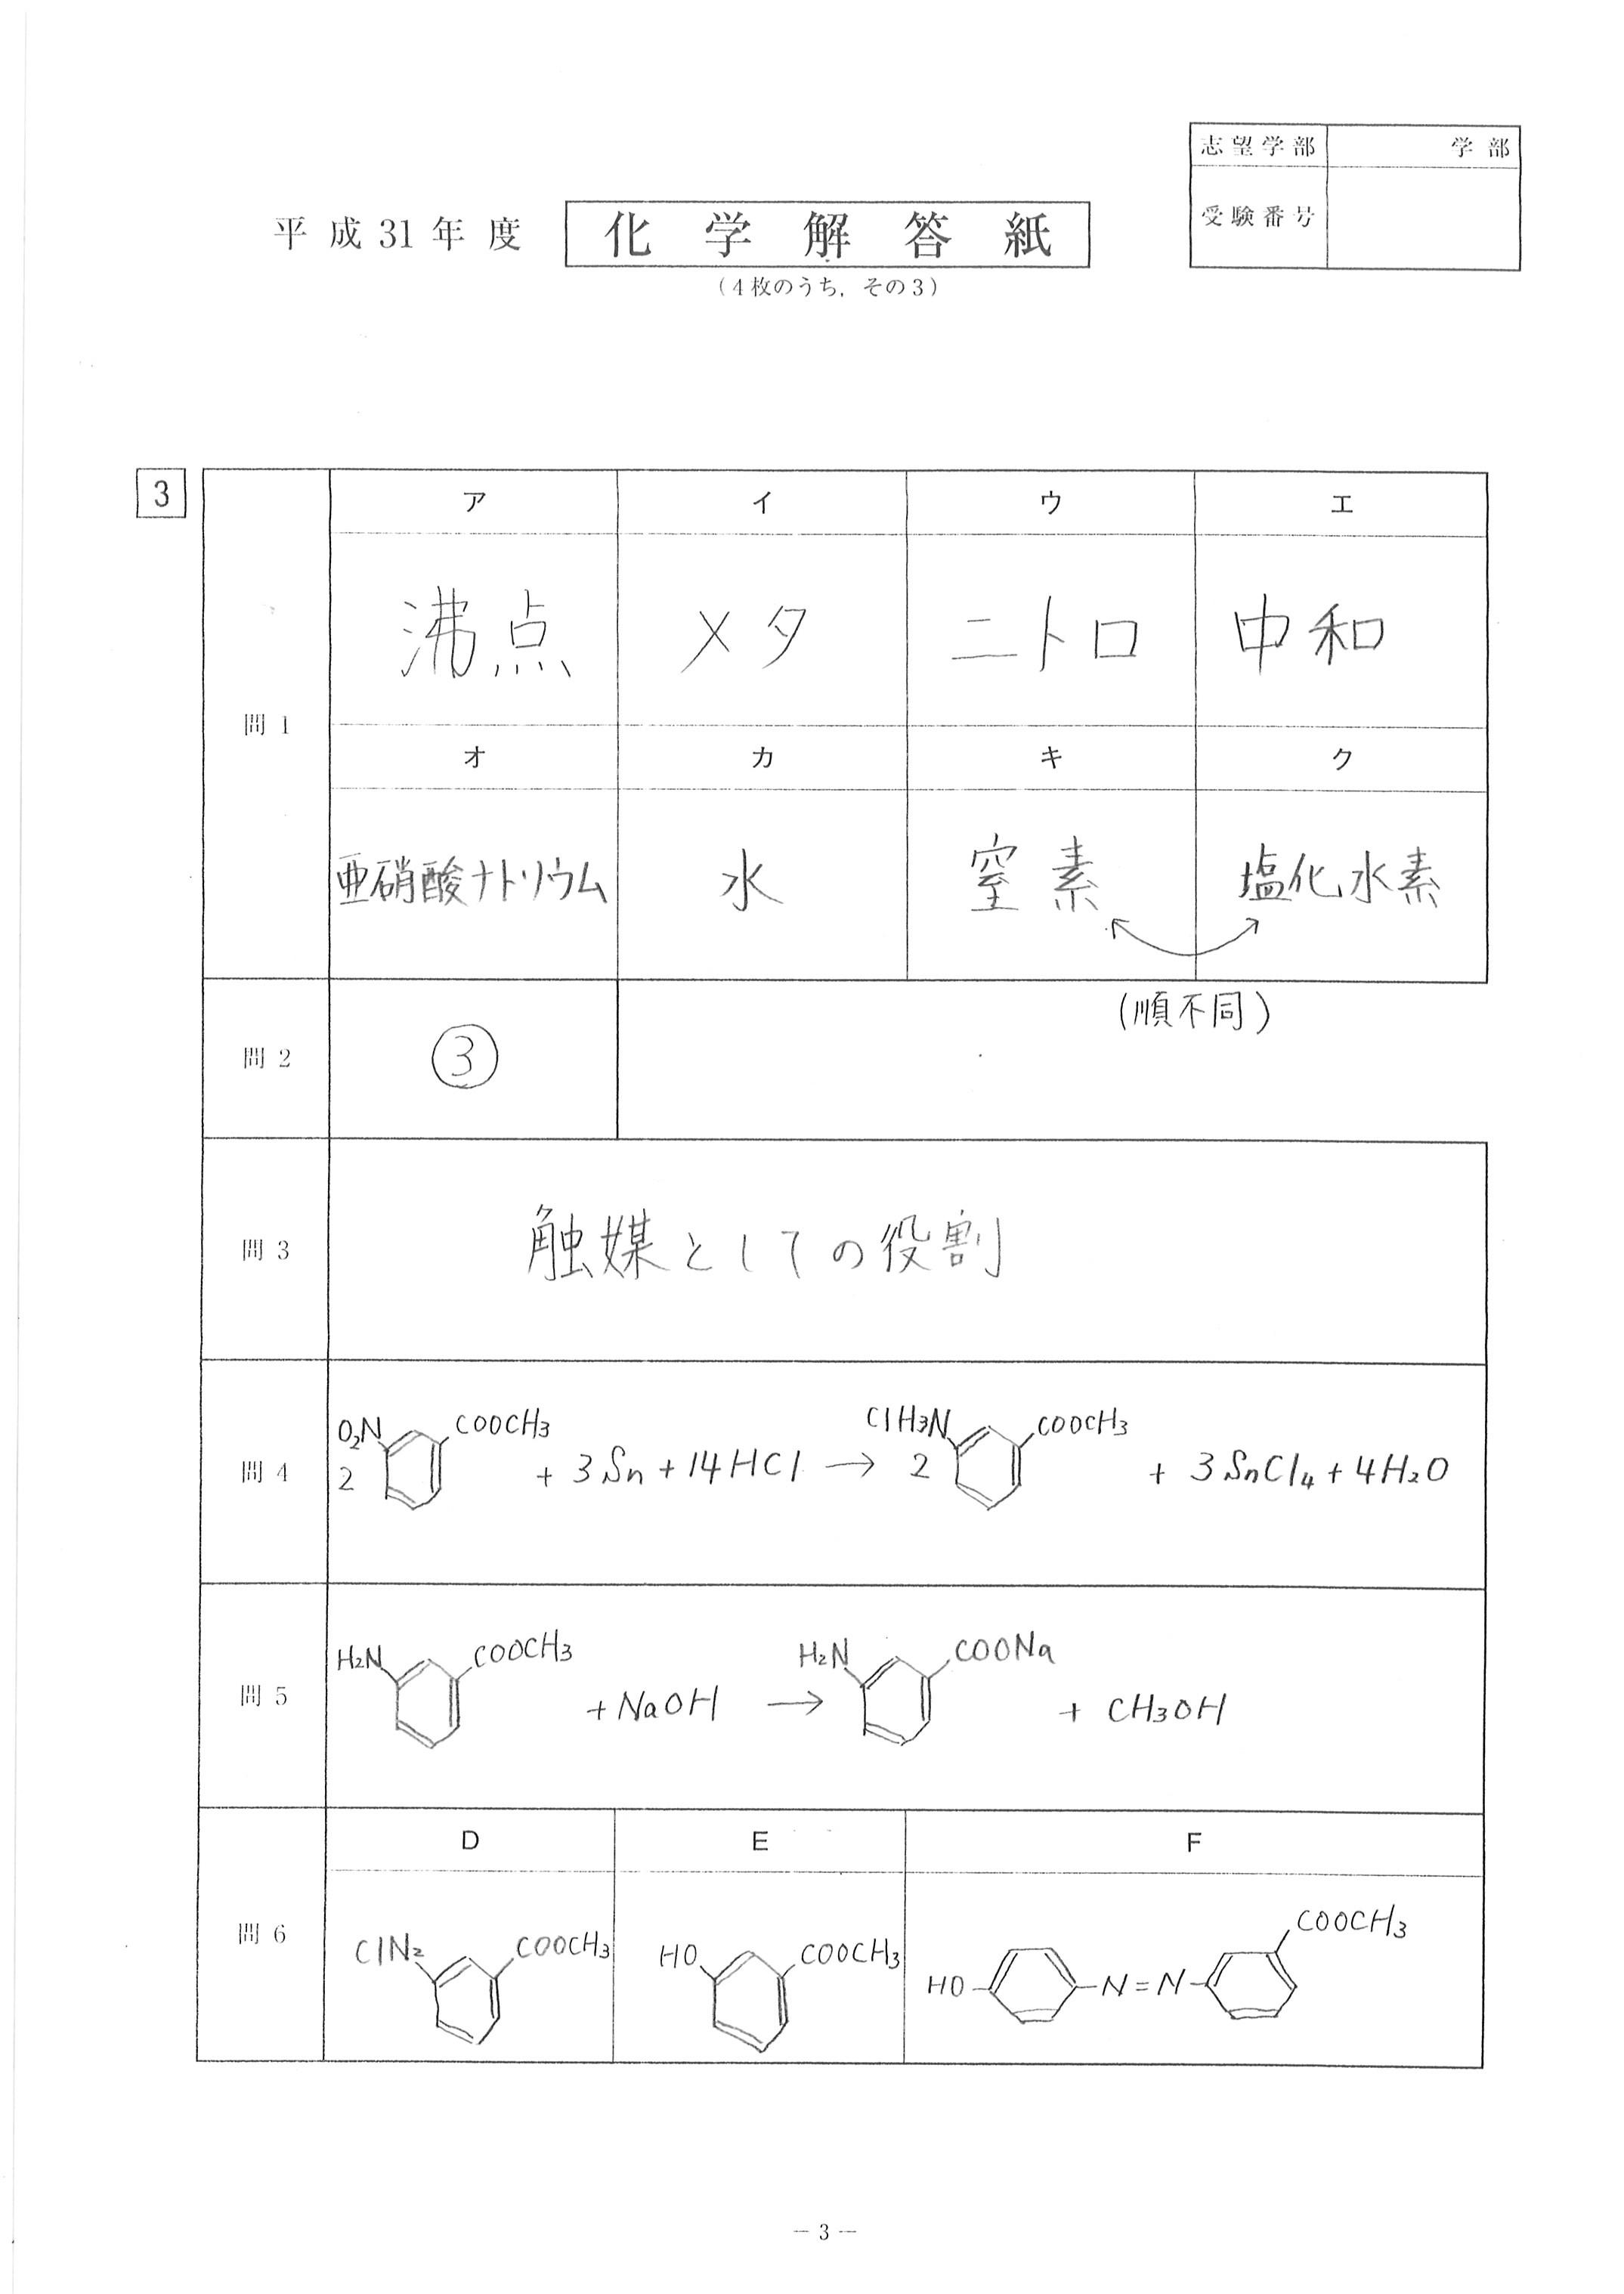 教育 学部 大学 速報 早稲田 解答